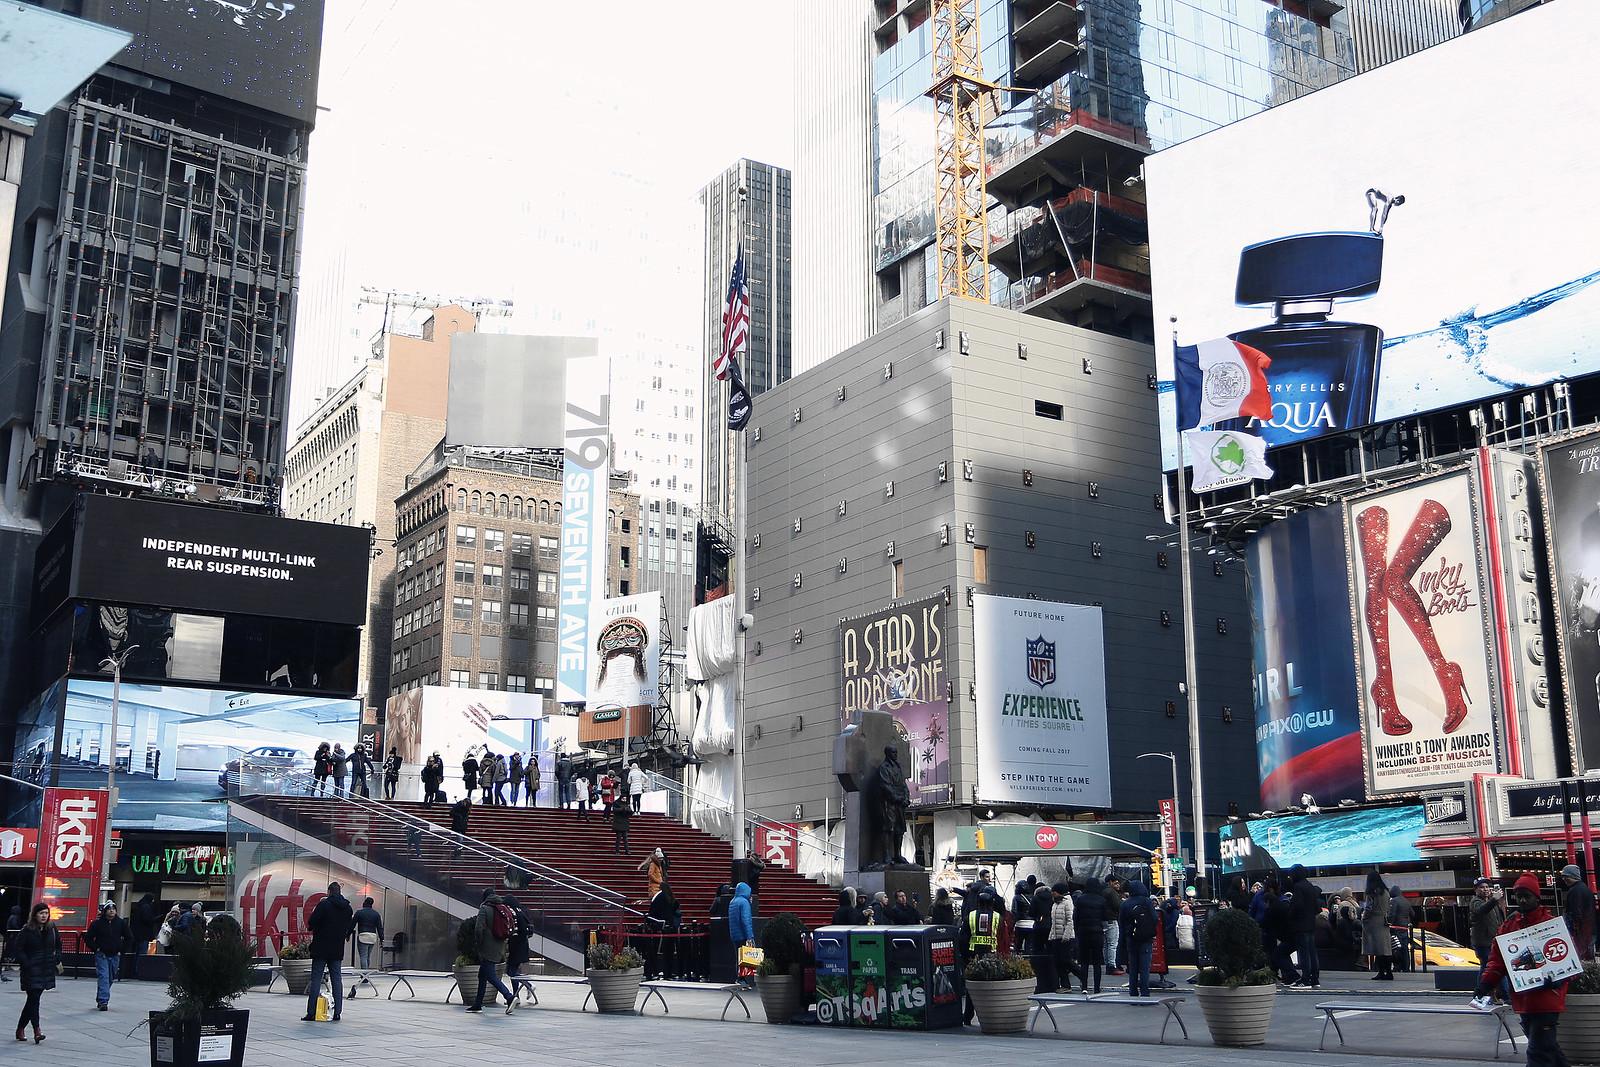 2043-timessquare-nyc-newyork-nyfw-newyorkfashionweek-newyorkcity-clothestoyouuu-elizabeeetht